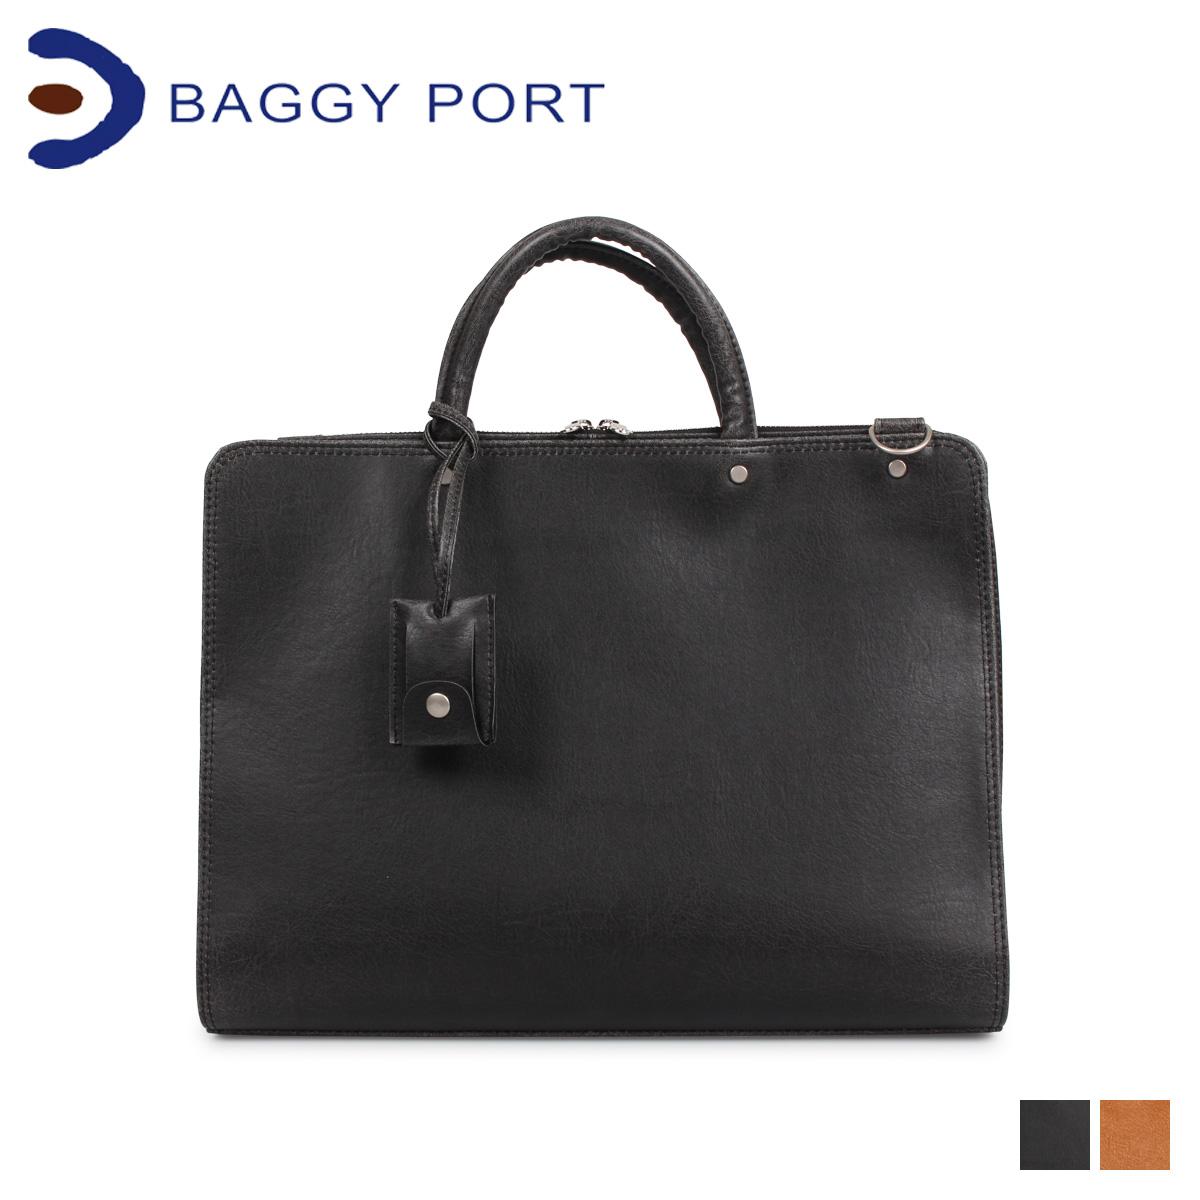 BAGGY PORT バギーポート バッグ ビジネスバッグ ブリーフケース メンズ BRIEFCASE ブラック キャメル 黒 JOB260